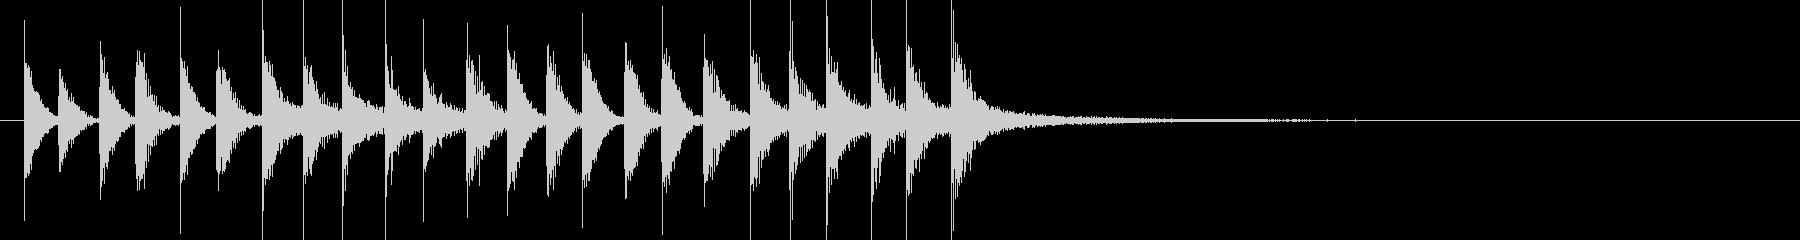 ドラム/ティンバレス フィルイン 23の未再生の波形